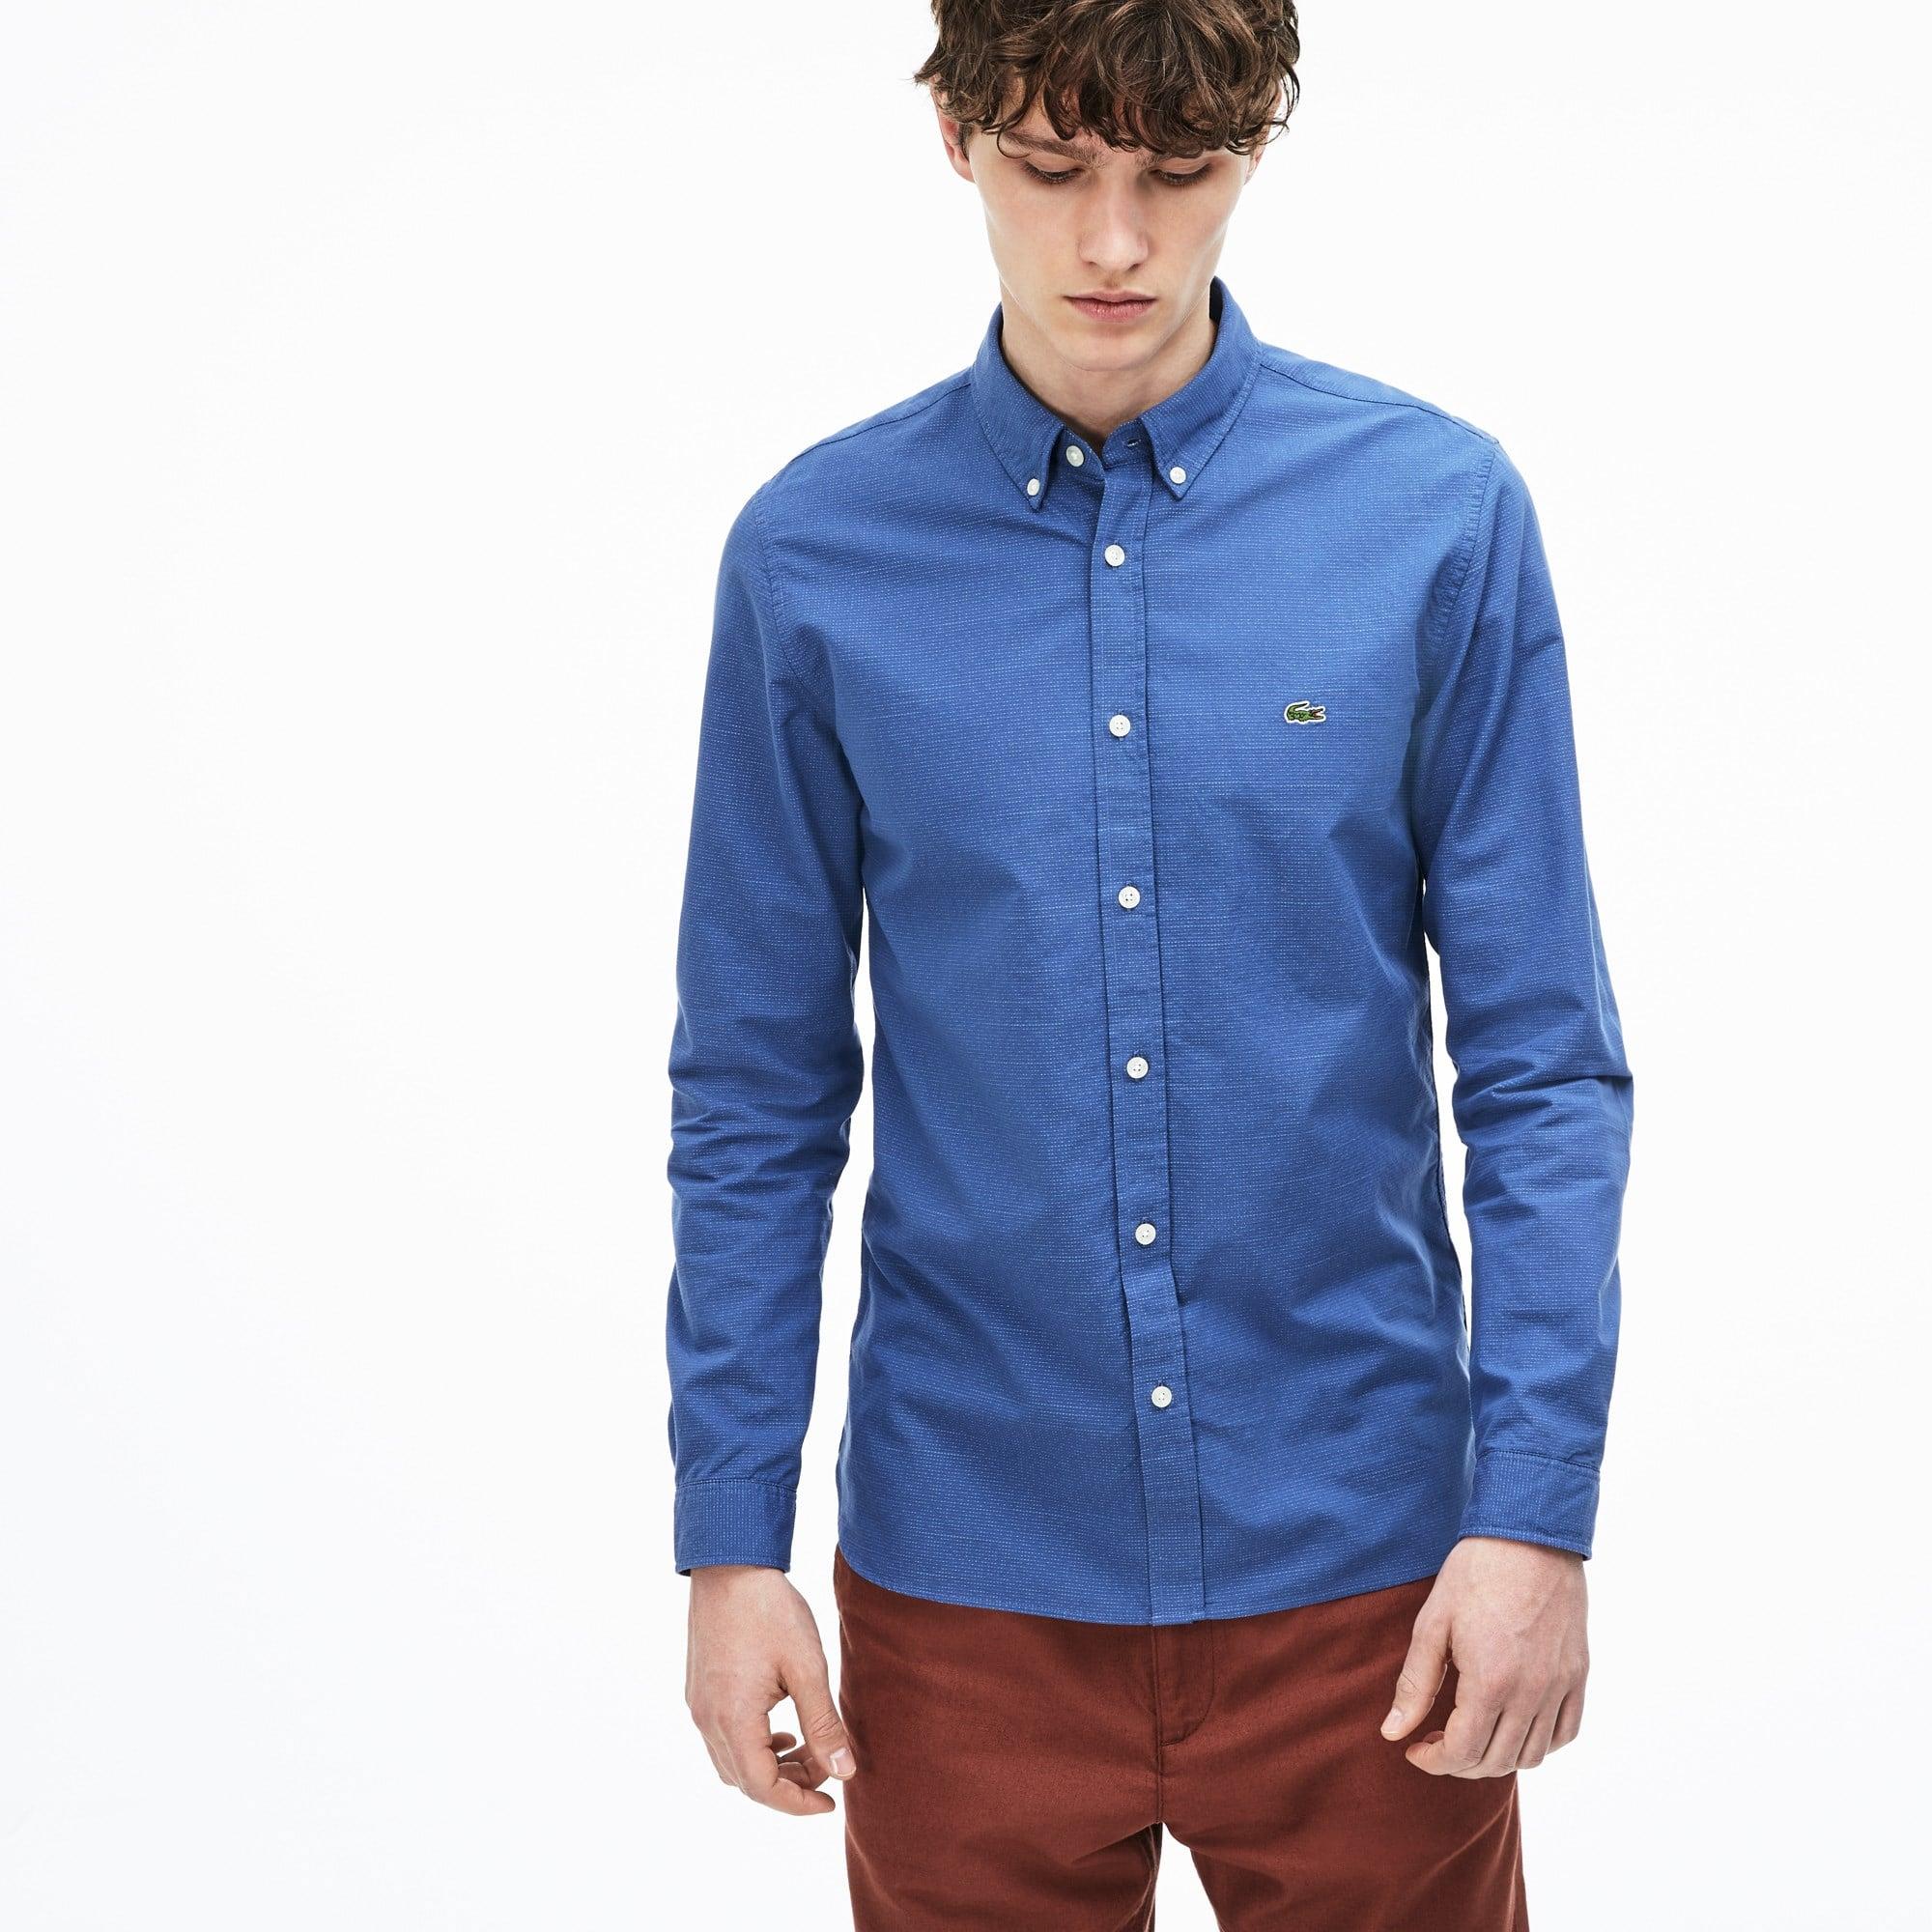 Camicia slim fit in popeline di cotone jacquard a pois